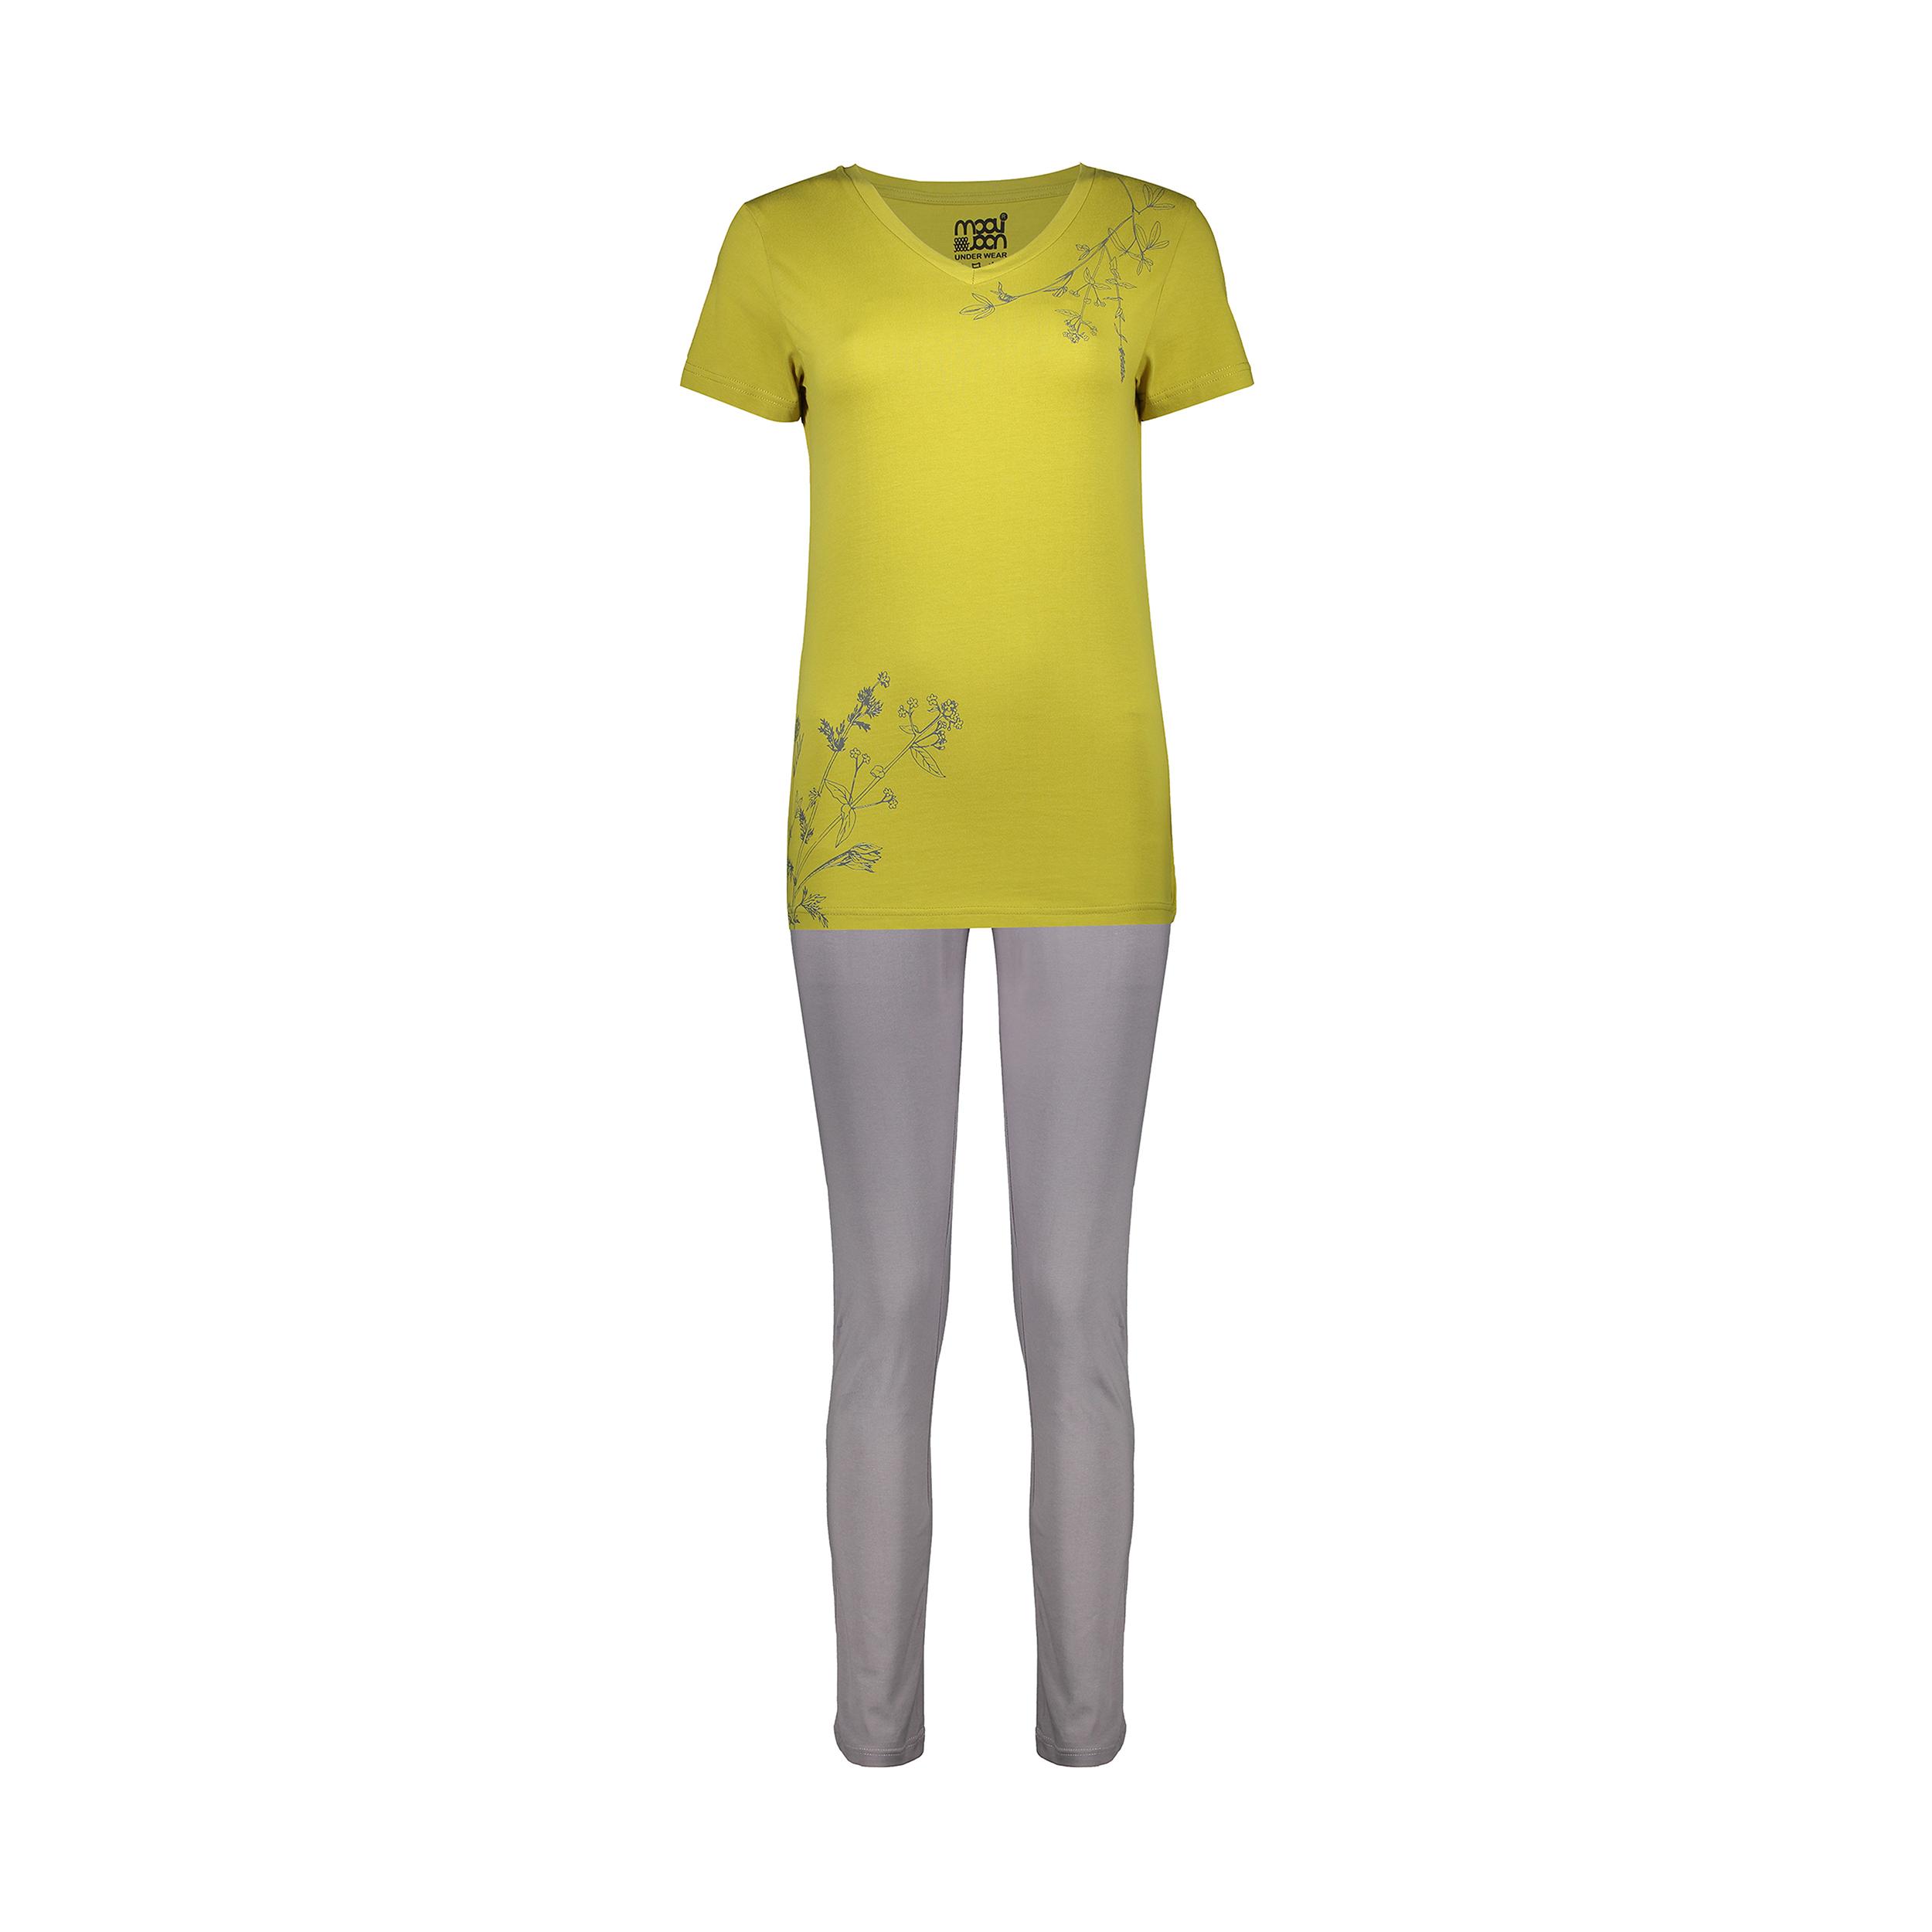 ست تی شرت و شلوار راحتی زنانه مولی جون مدل 2431107-4390